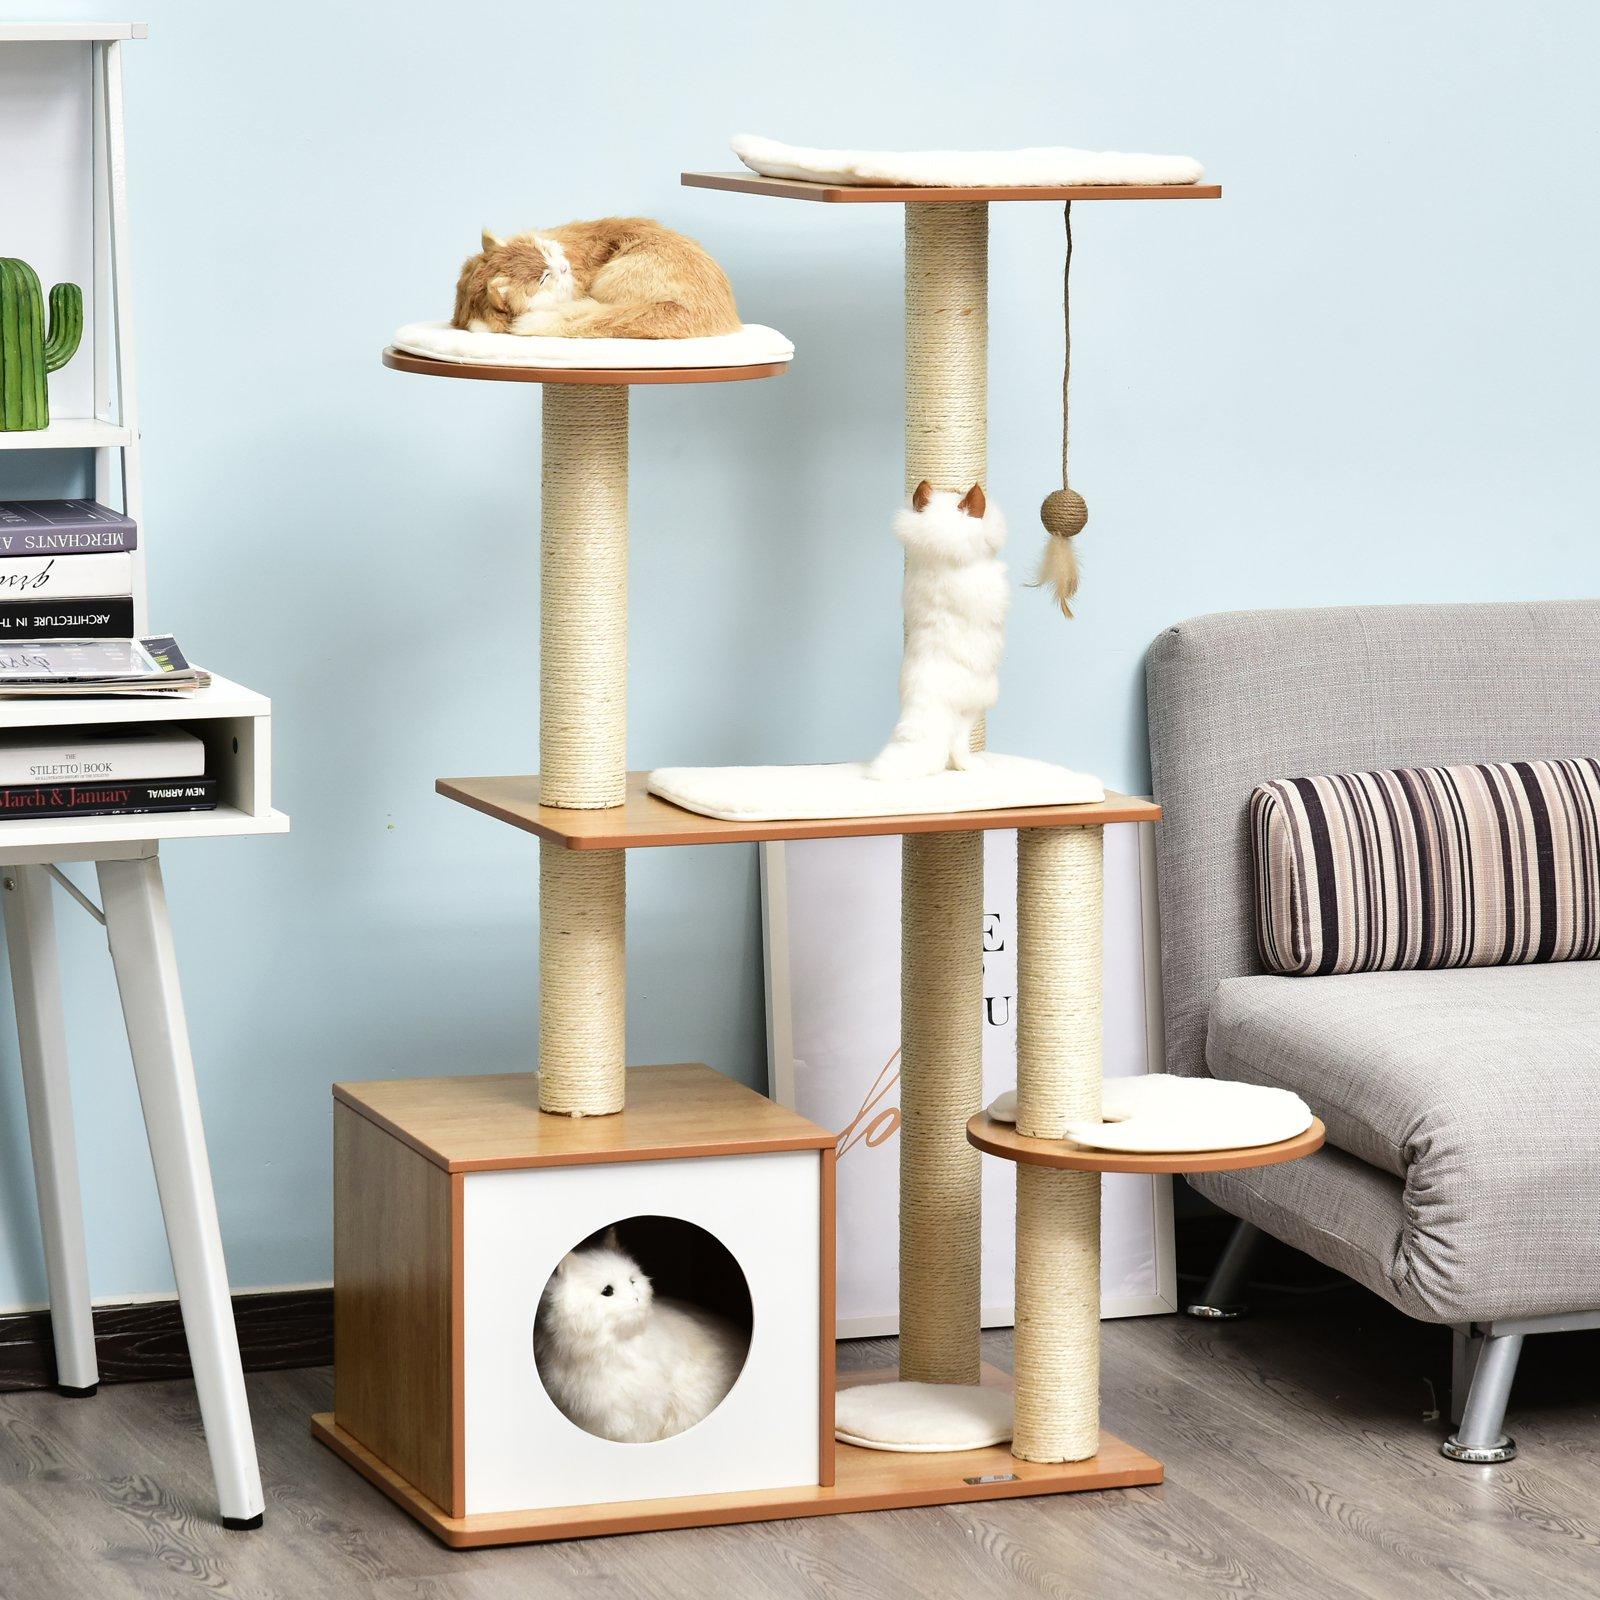 PawHut Albero per Gatti con Cuccia e Pali in Corda Sisal e Legno Giallo e Bianco 83 x 75 x 120cm